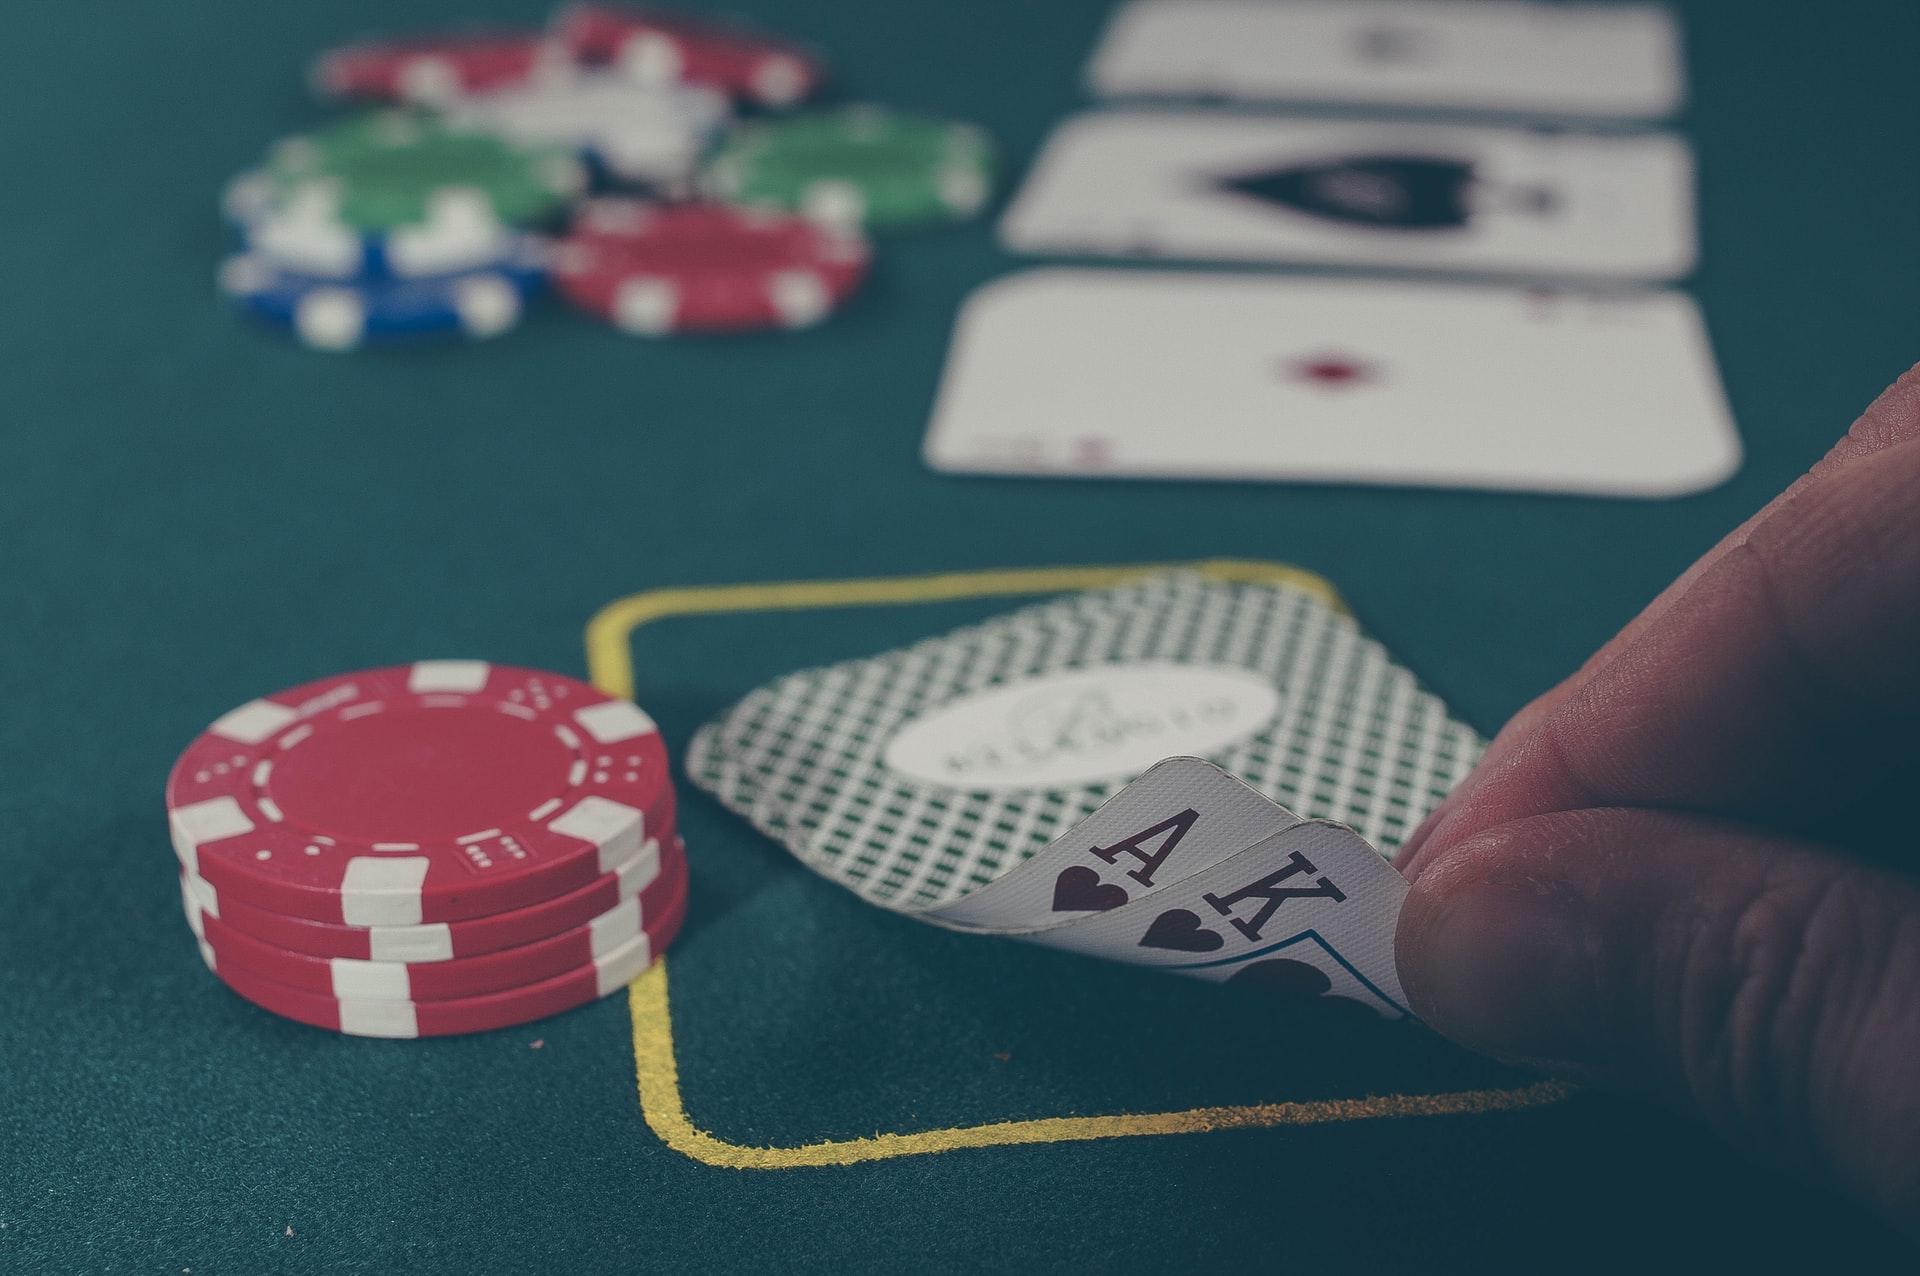 betway online casino NJ